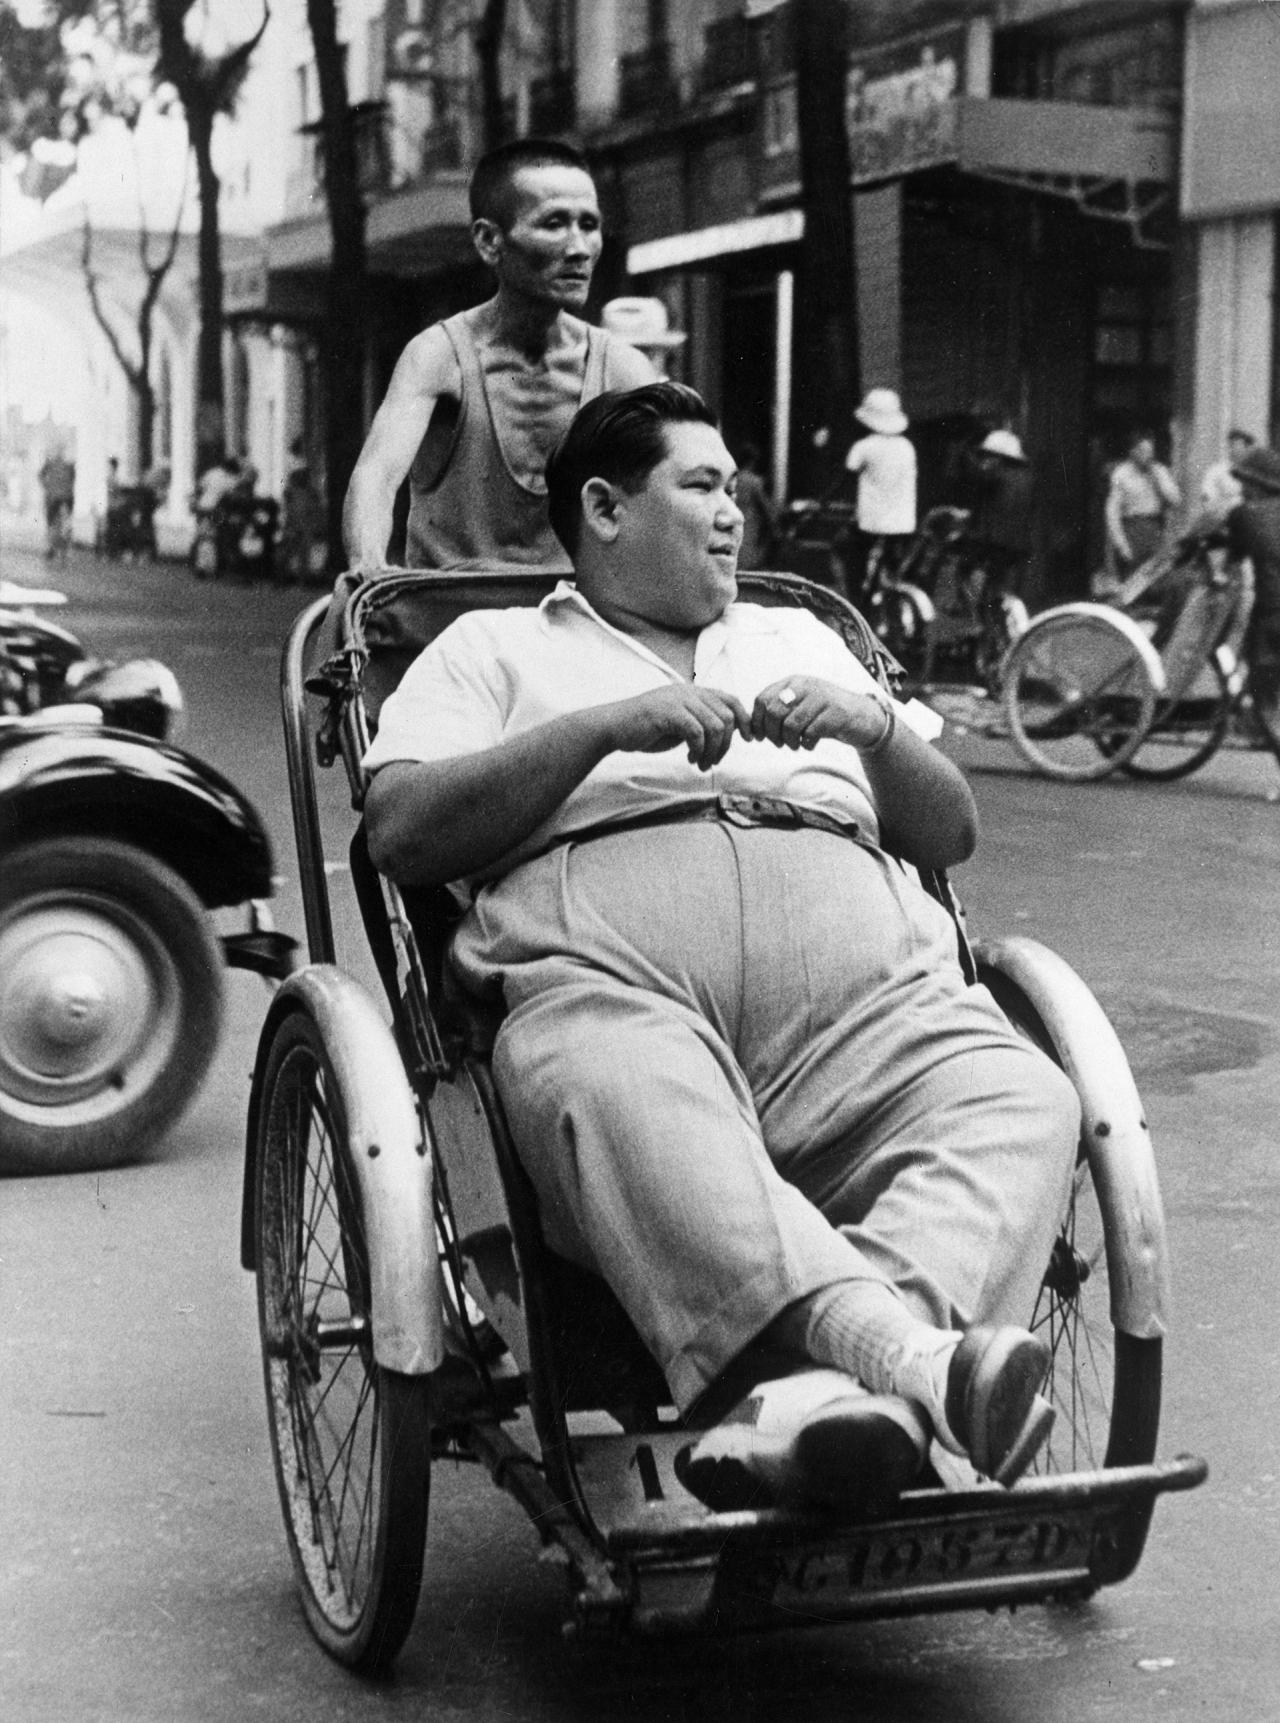 Fotó: Paul Almásy: Saigoni riksás, 1950, 18 x 24 cm, zselatinos ezüst, Magyar Fotográfiai Múzeum